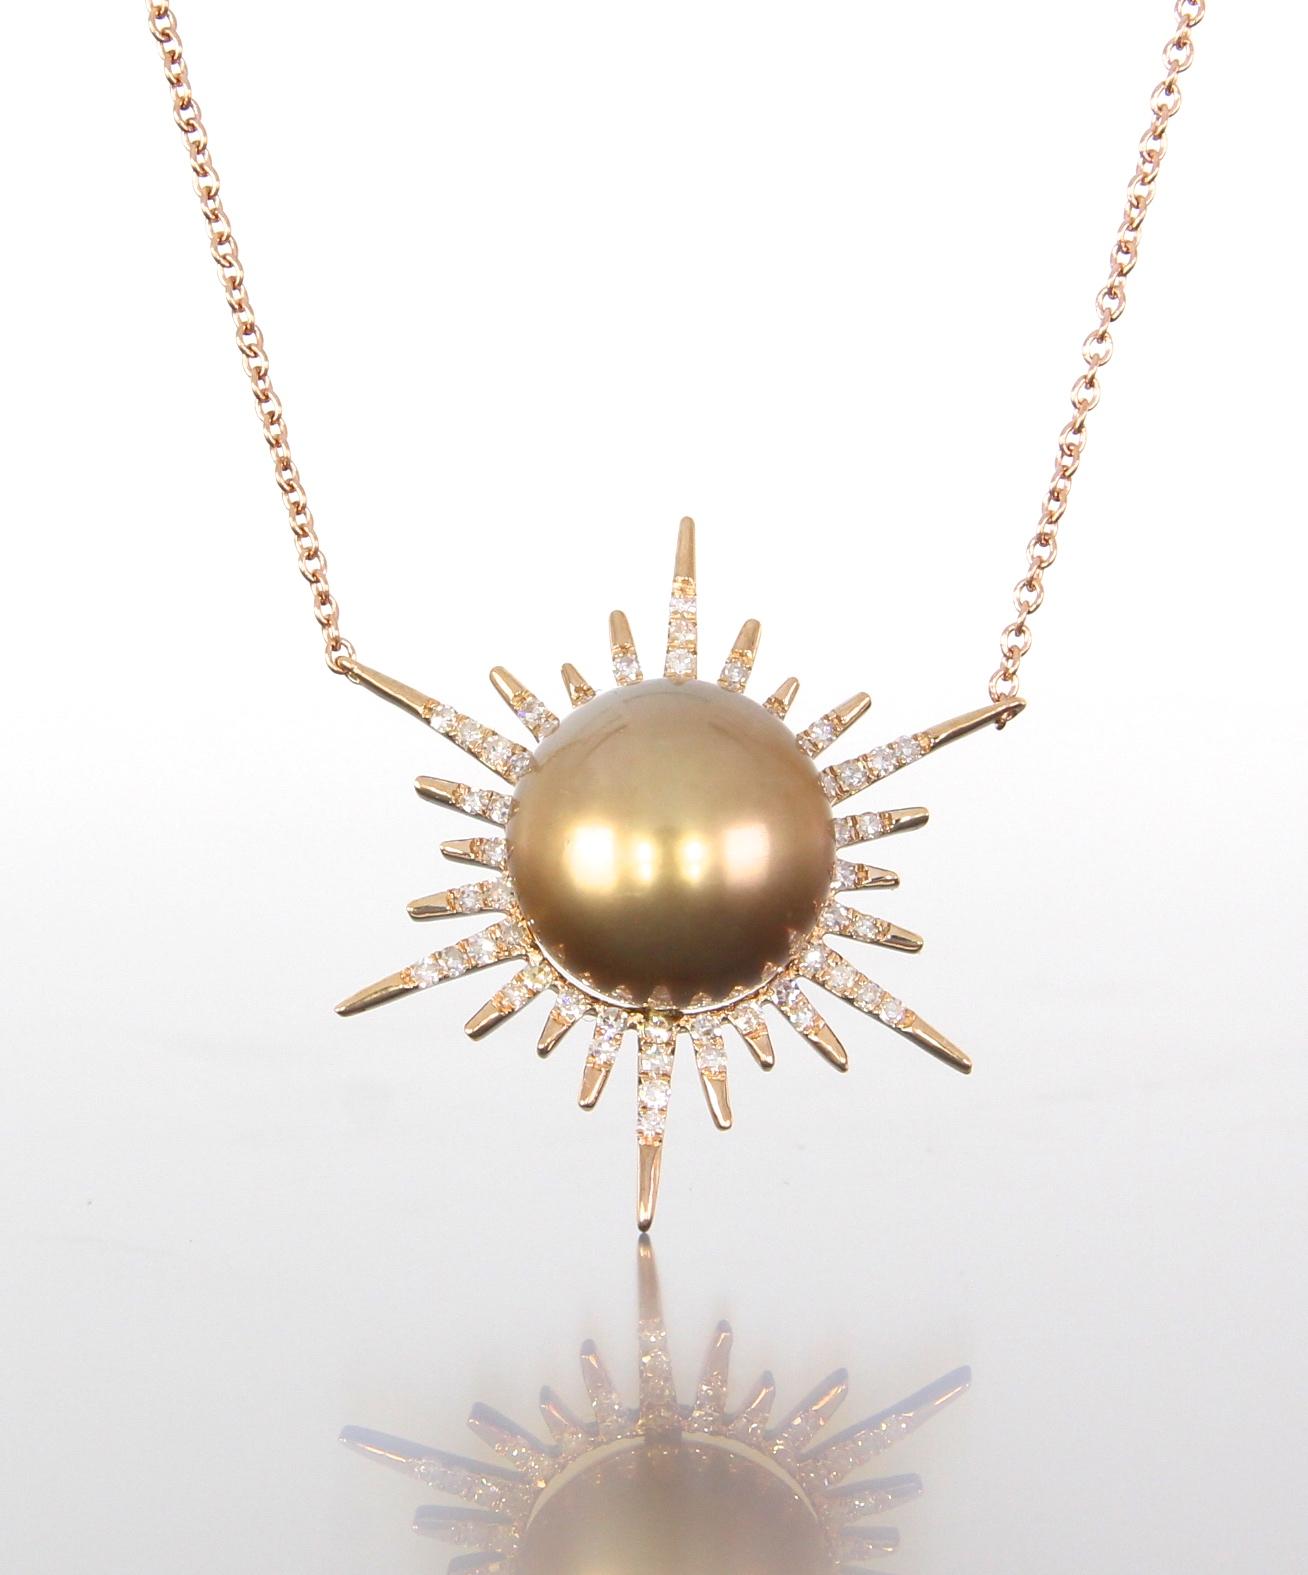 unique-rose-gold-sun-pendant-unique-pearl-jewelry-diamond-accents-craft-revival-jewelry-store-grand-rapids